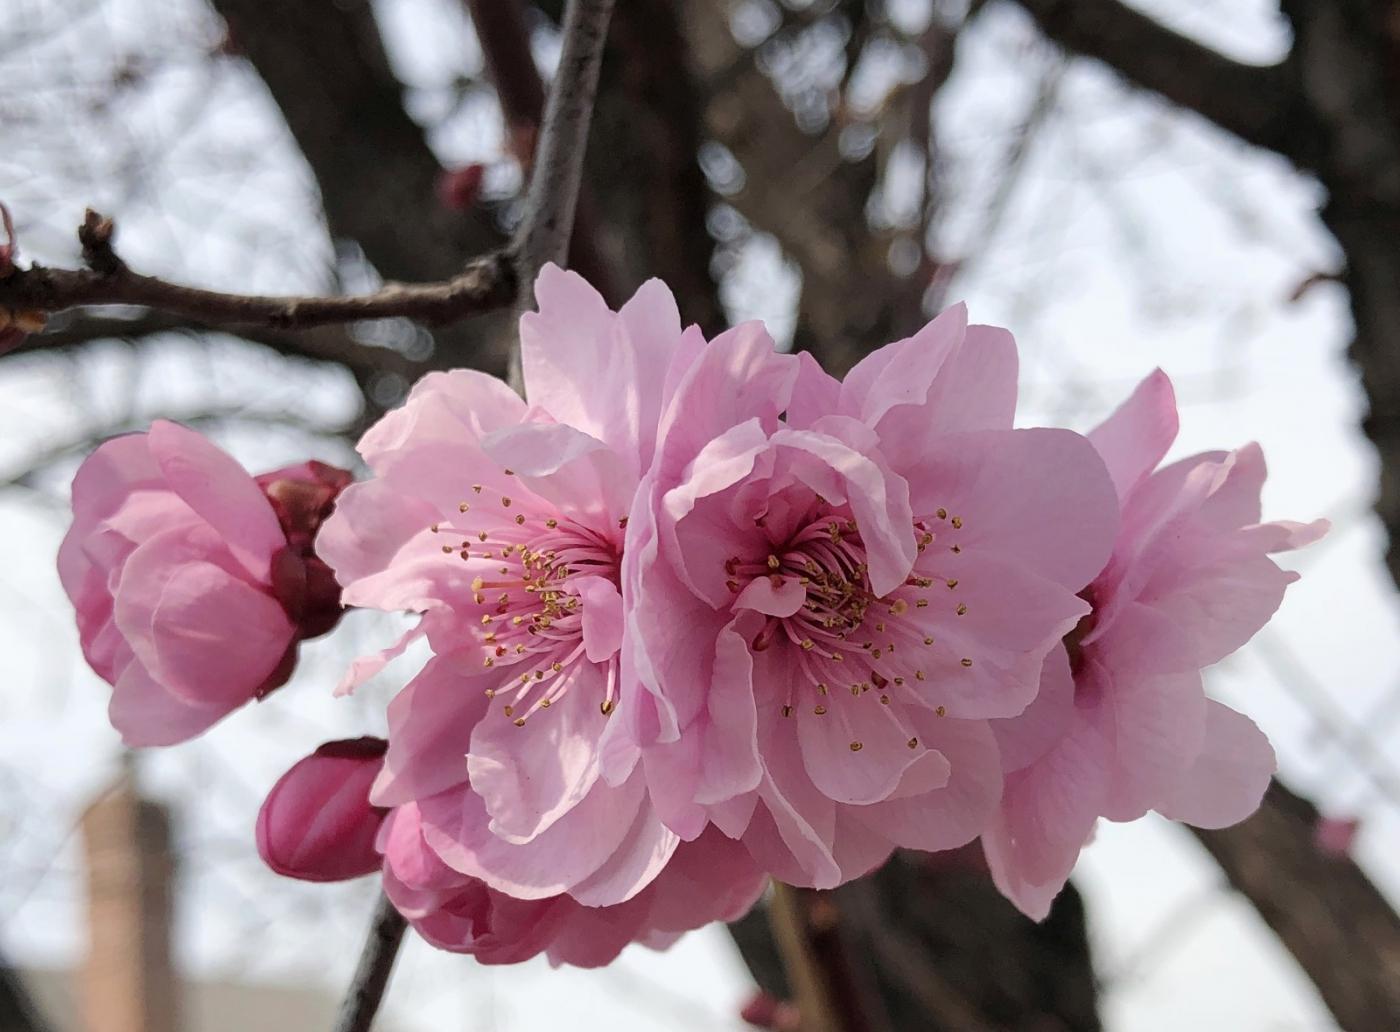 【田螺手机摄影】街口的杏花又开一年_图1-15